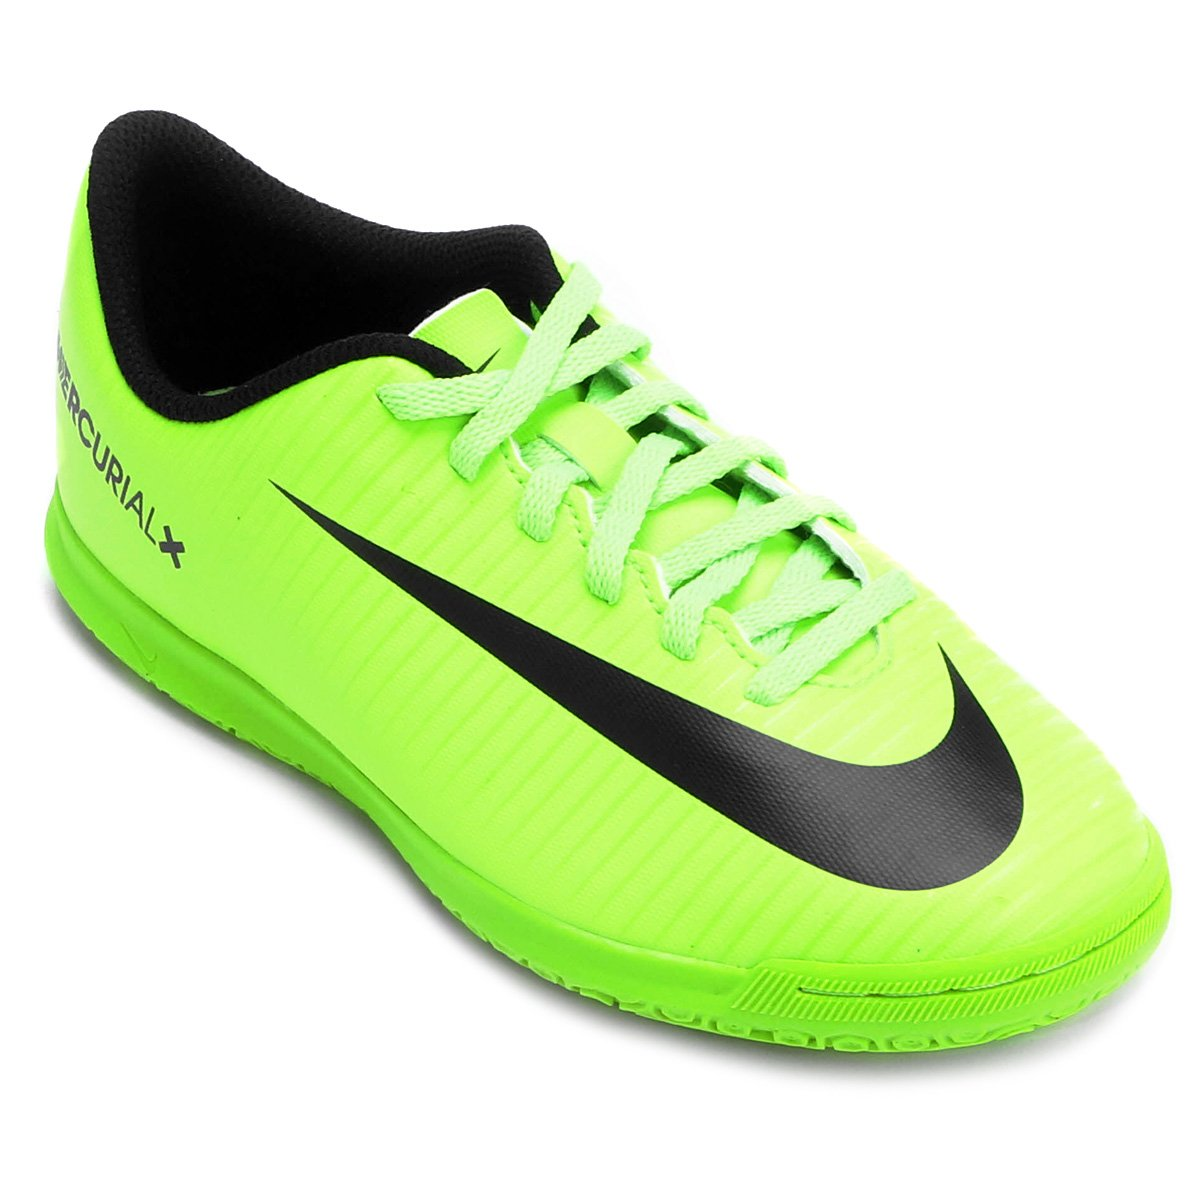 632cfea09f33e Chuteira Futsal Infantil Nike Mercurial Vortex 3 IC - Verde Limão - Compre  Agora